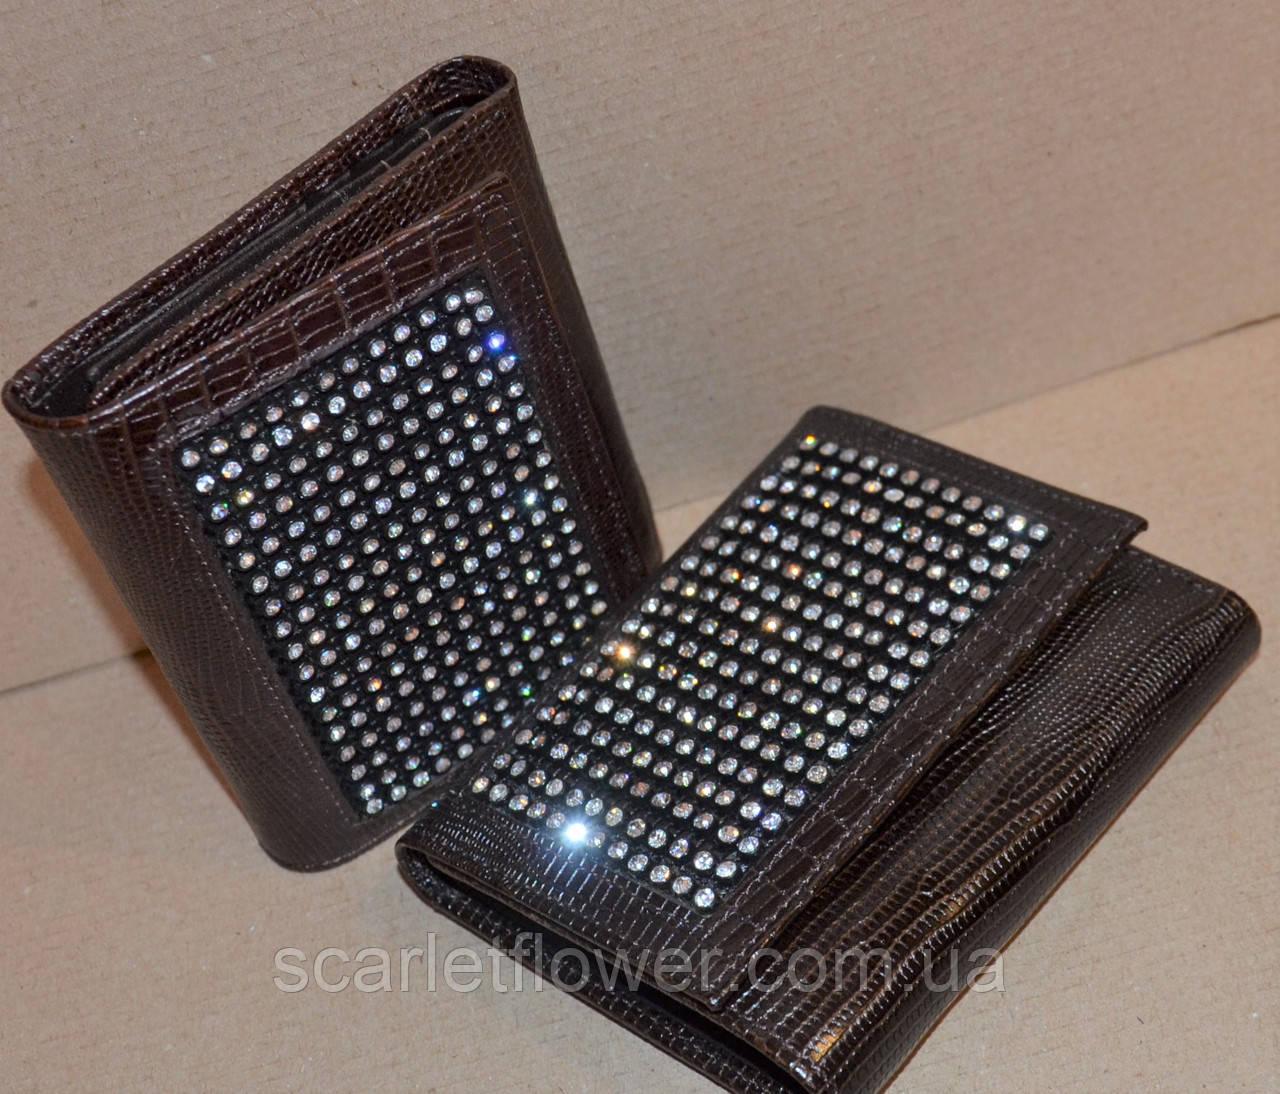 d4f712d9431c Кожаный кошелек BOND со стразами, складной., цена 495 грн., купить в Киеве  — Prom.ua (ID#363322986)